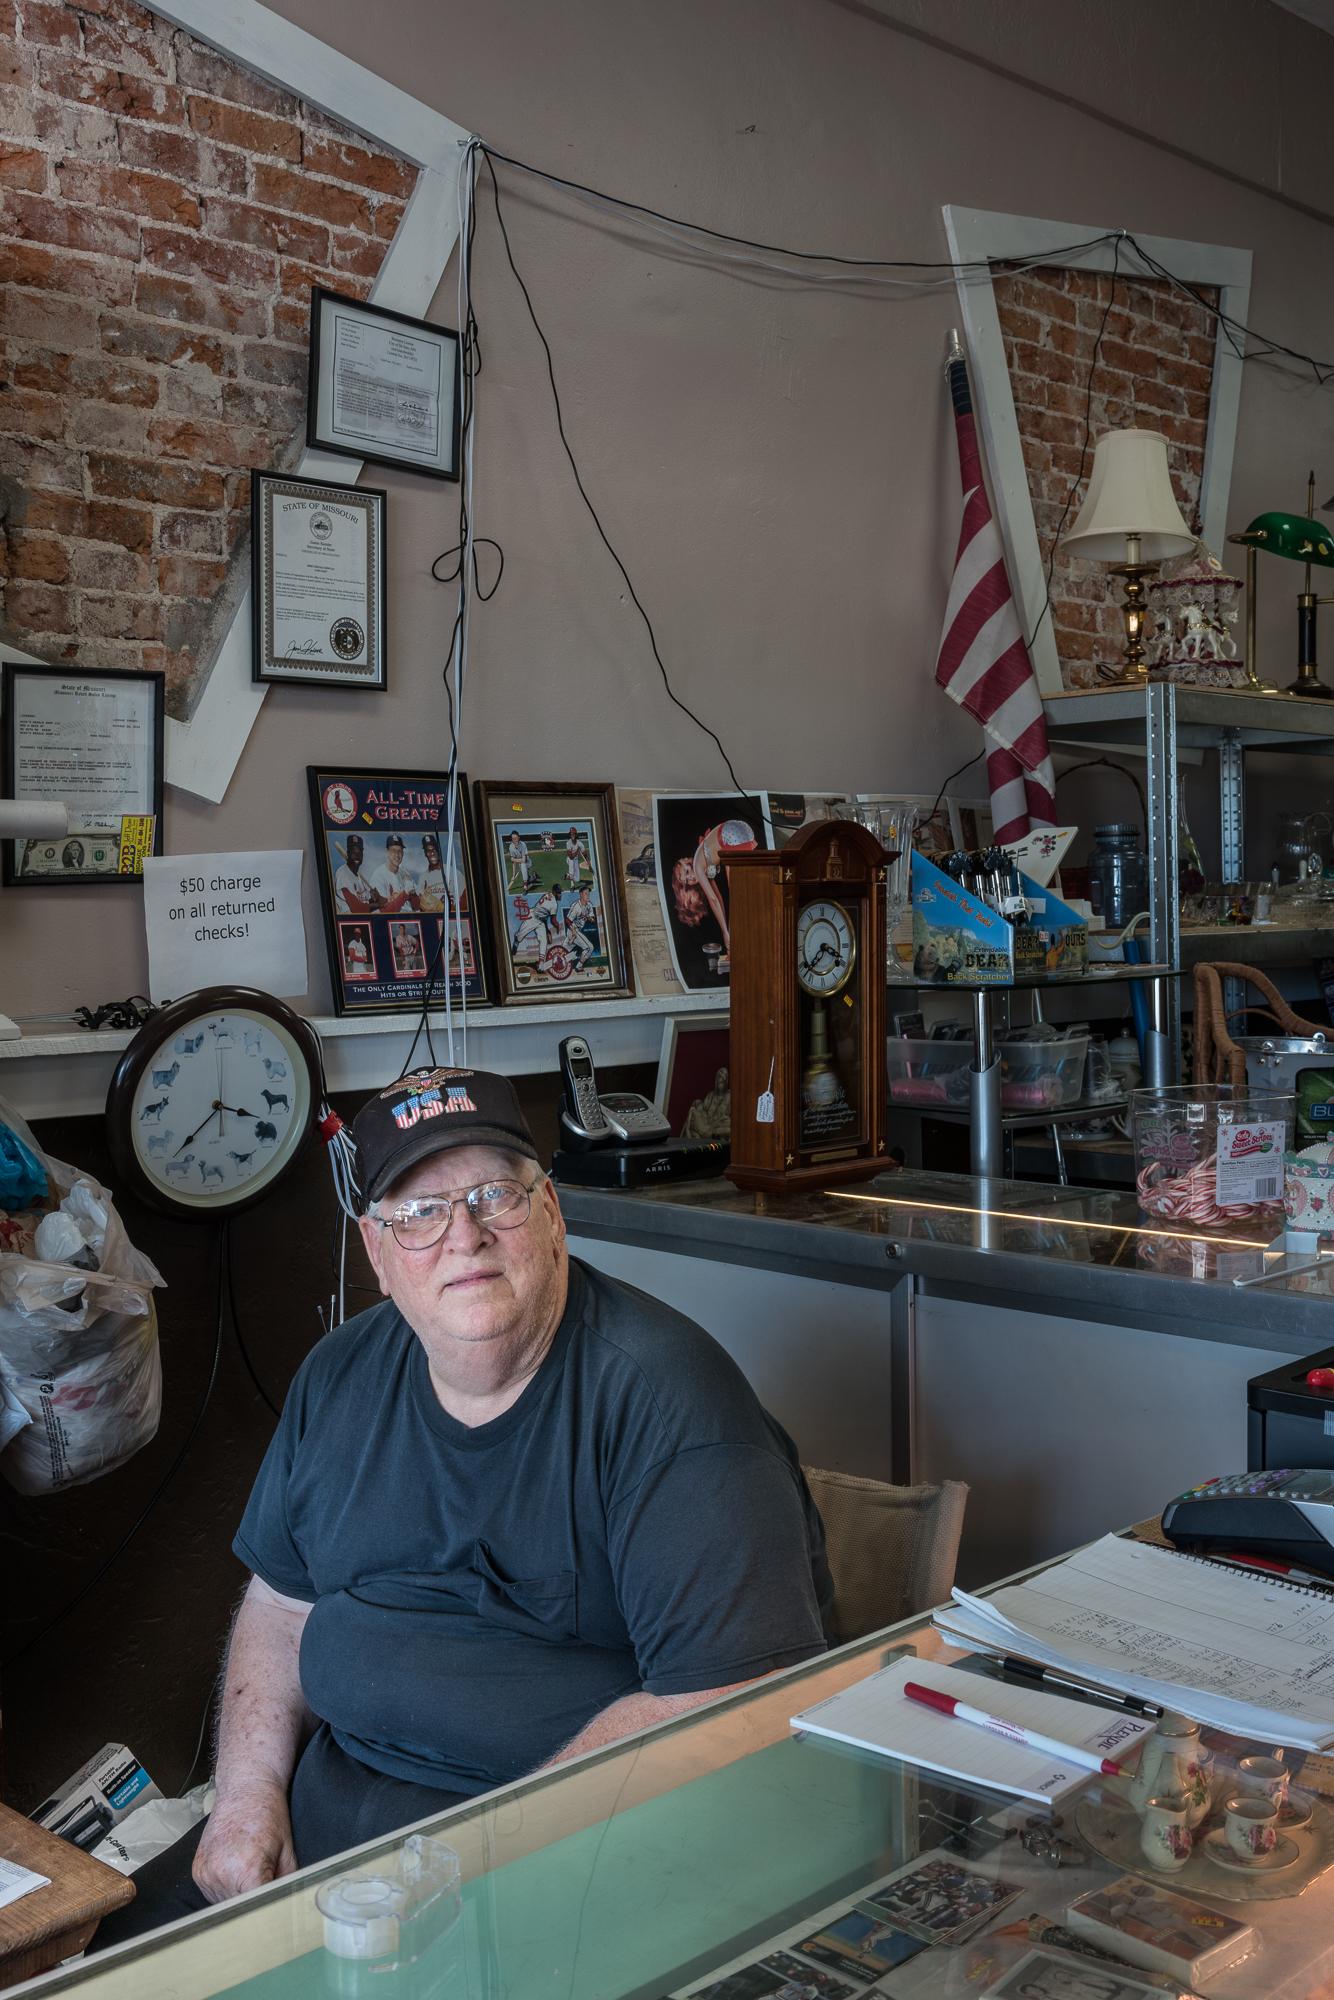 Mike at the Resale Shop, De Soto, Missouri, 2017